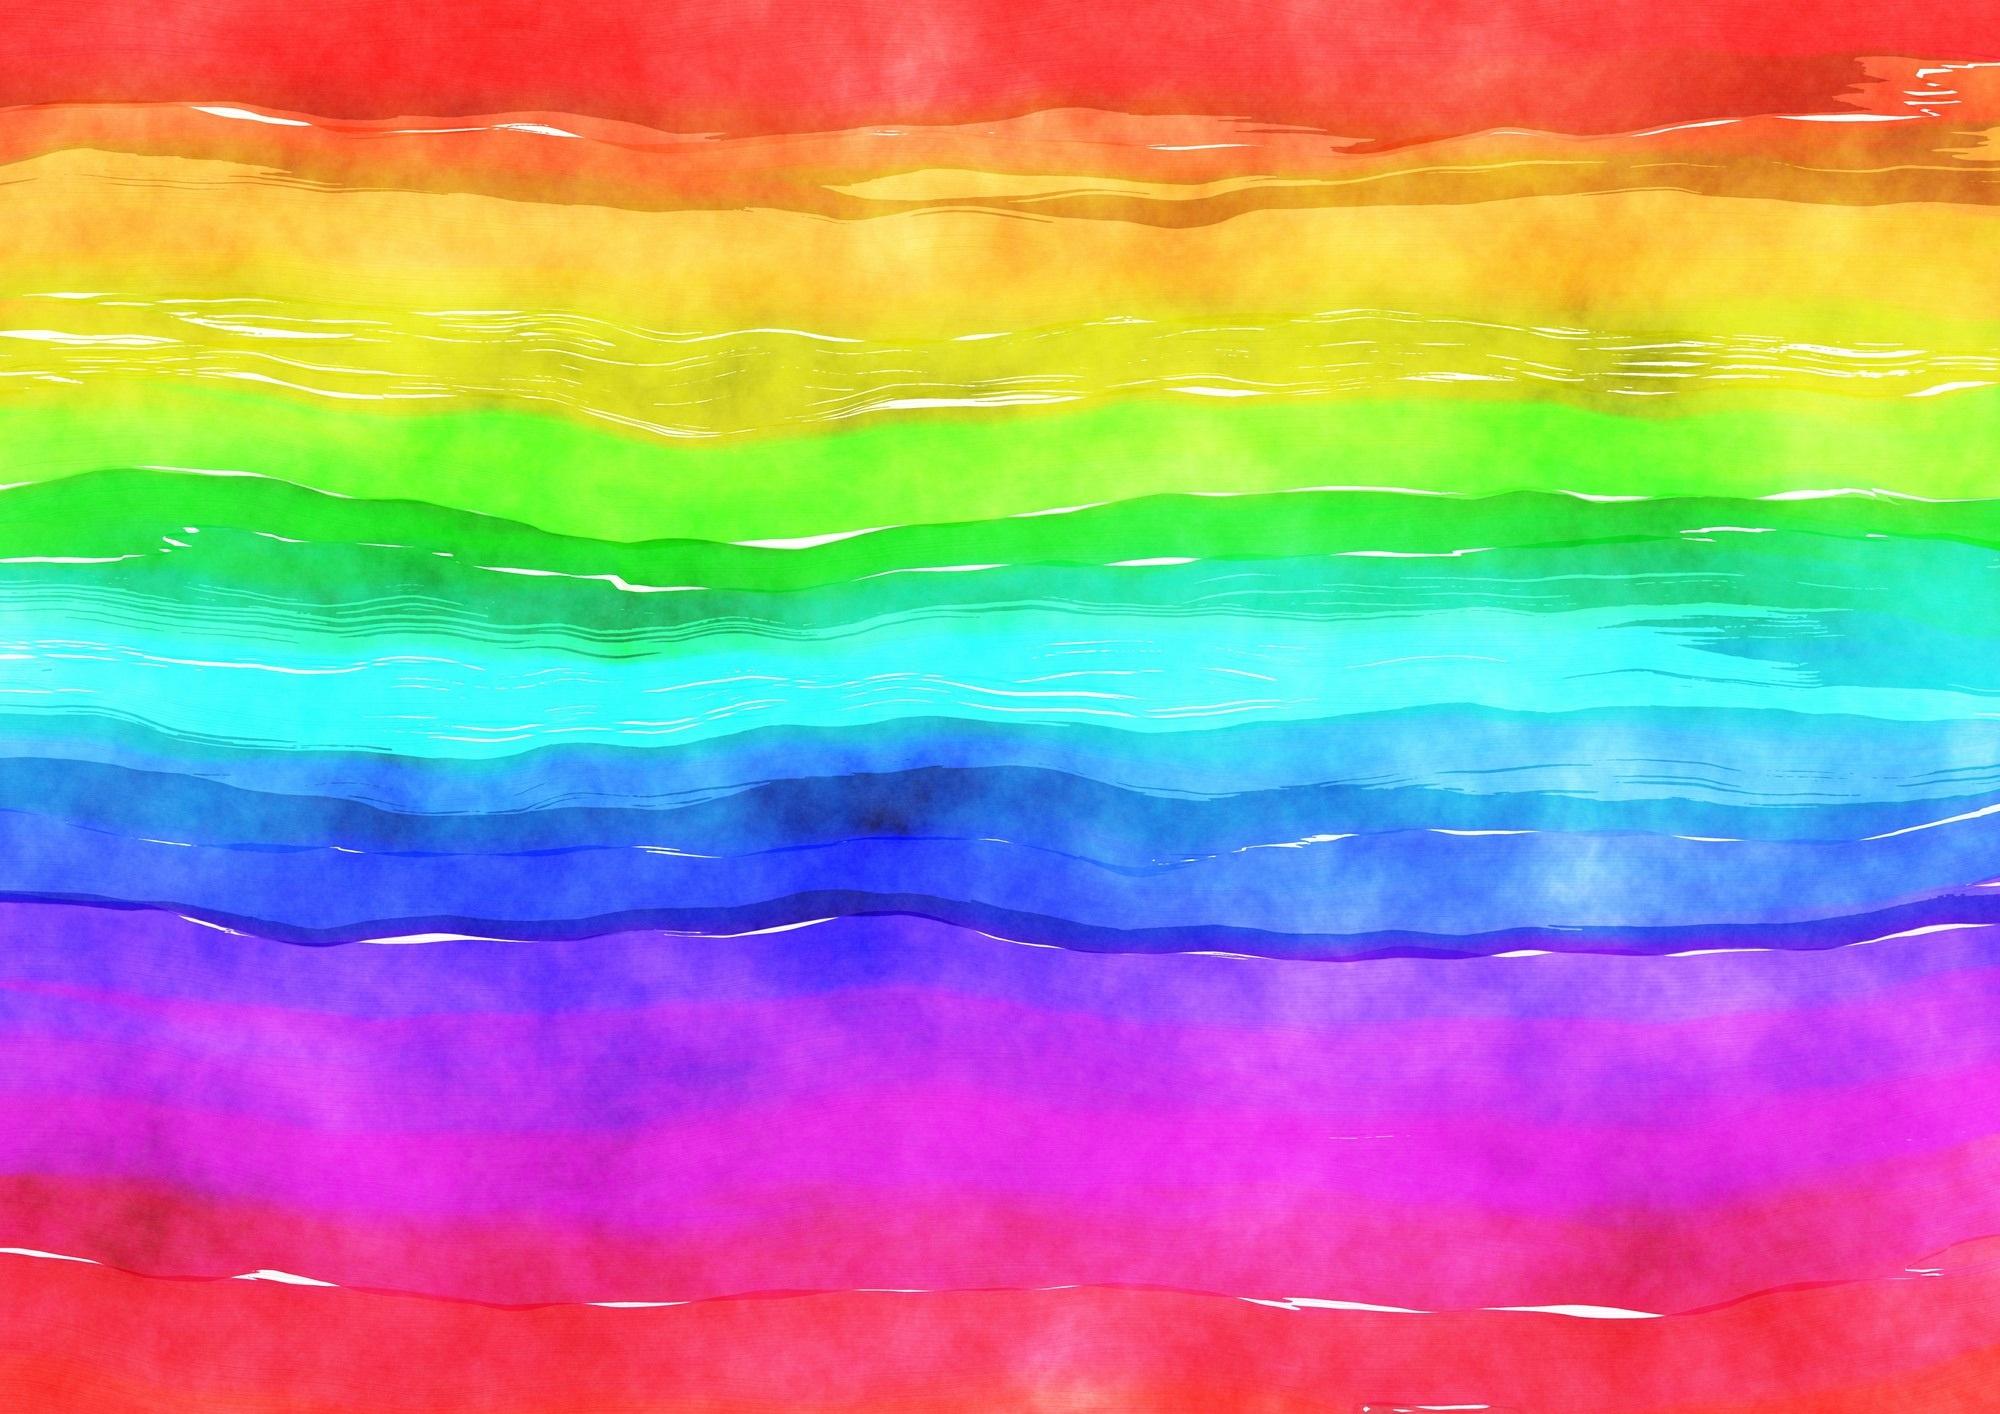 Vielfalt der Farben - Heilsam für Körper, Geist und Seele - watercolour 2542465